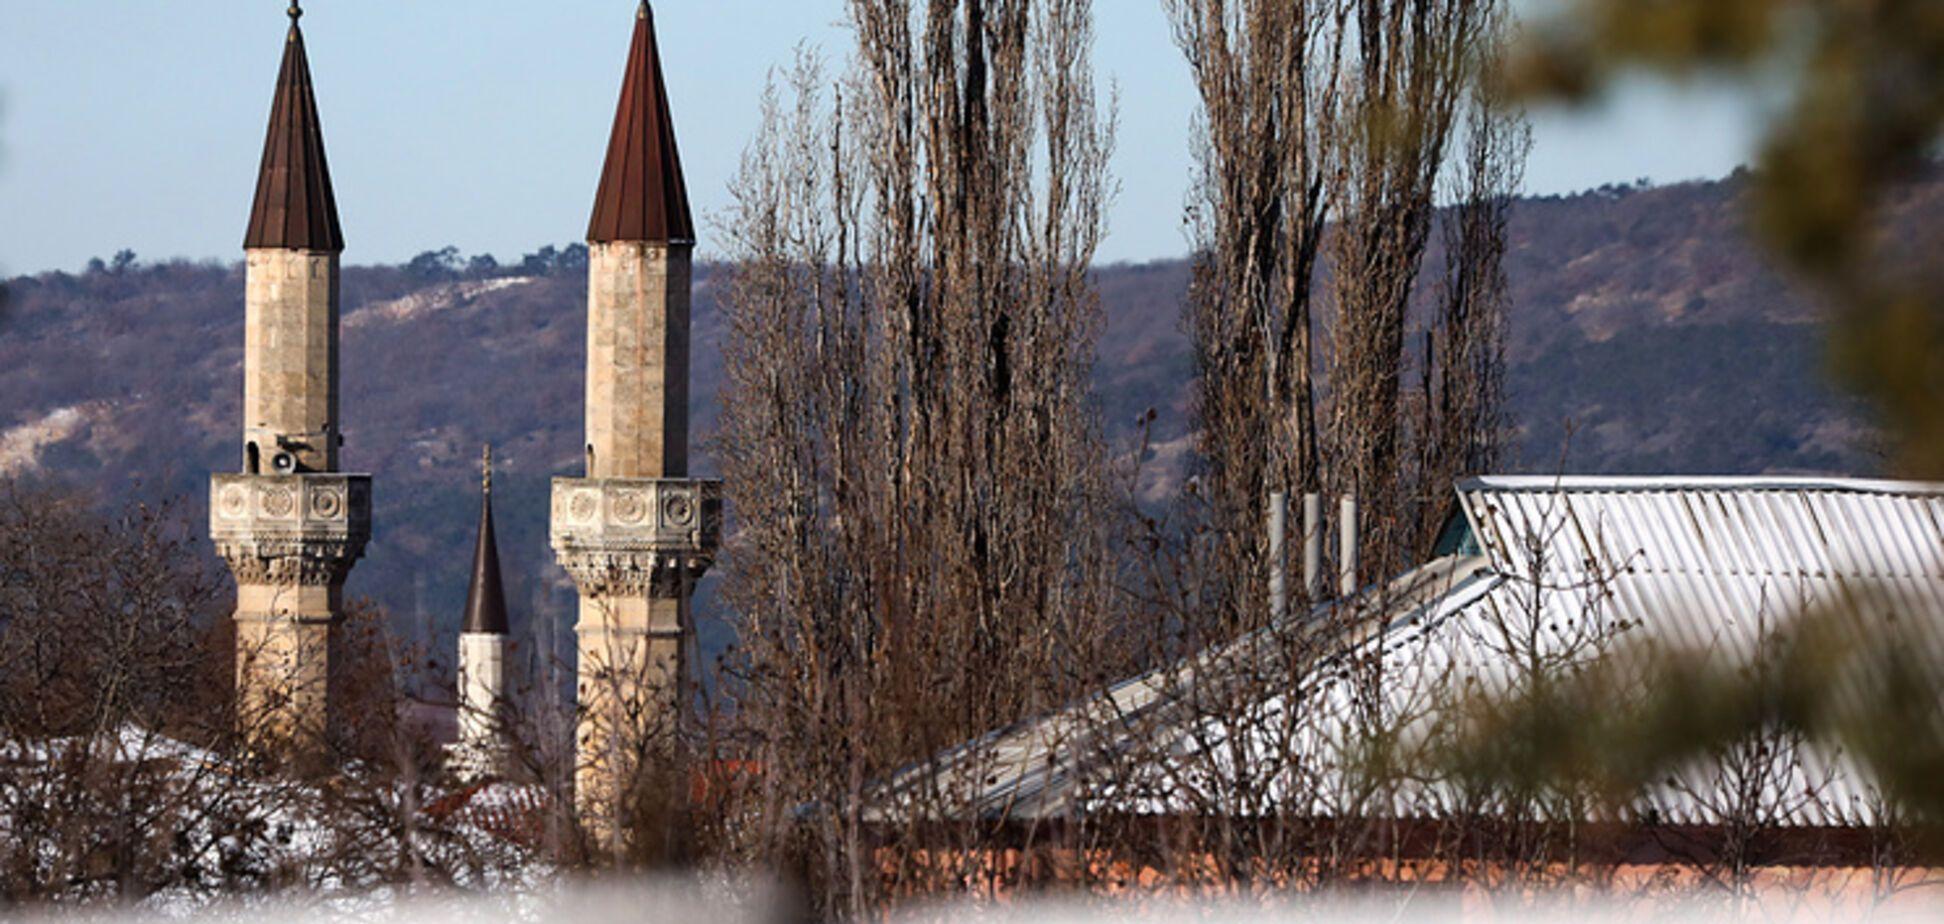 'Українці були г * внюками?!' Рупор Кремля спіймали на брехні про ханський палац у Криму